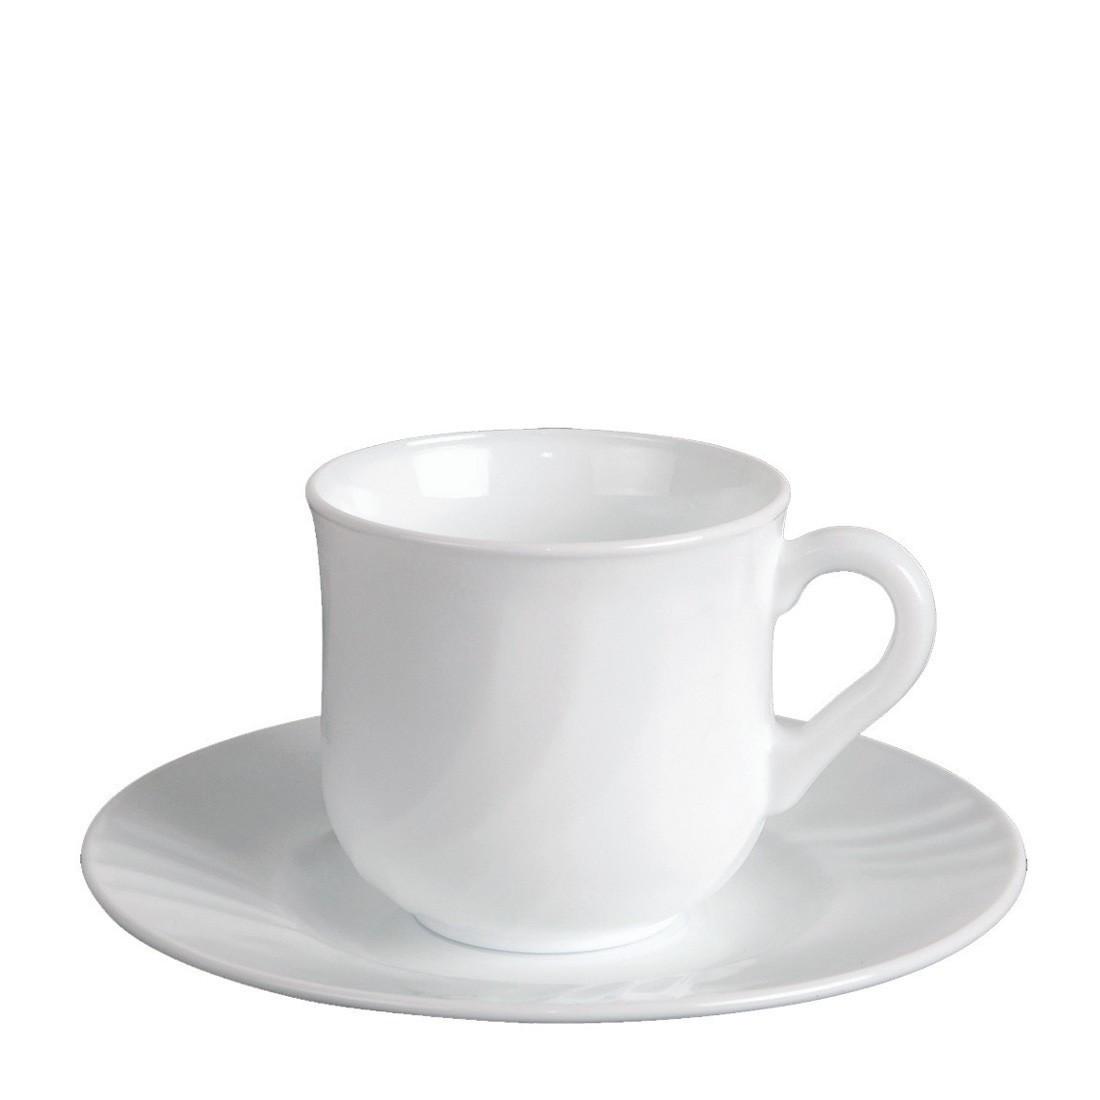 Чайный набор (250 мл) 12 пр BORMIOLI ROCCO EBRO 402837S20021990